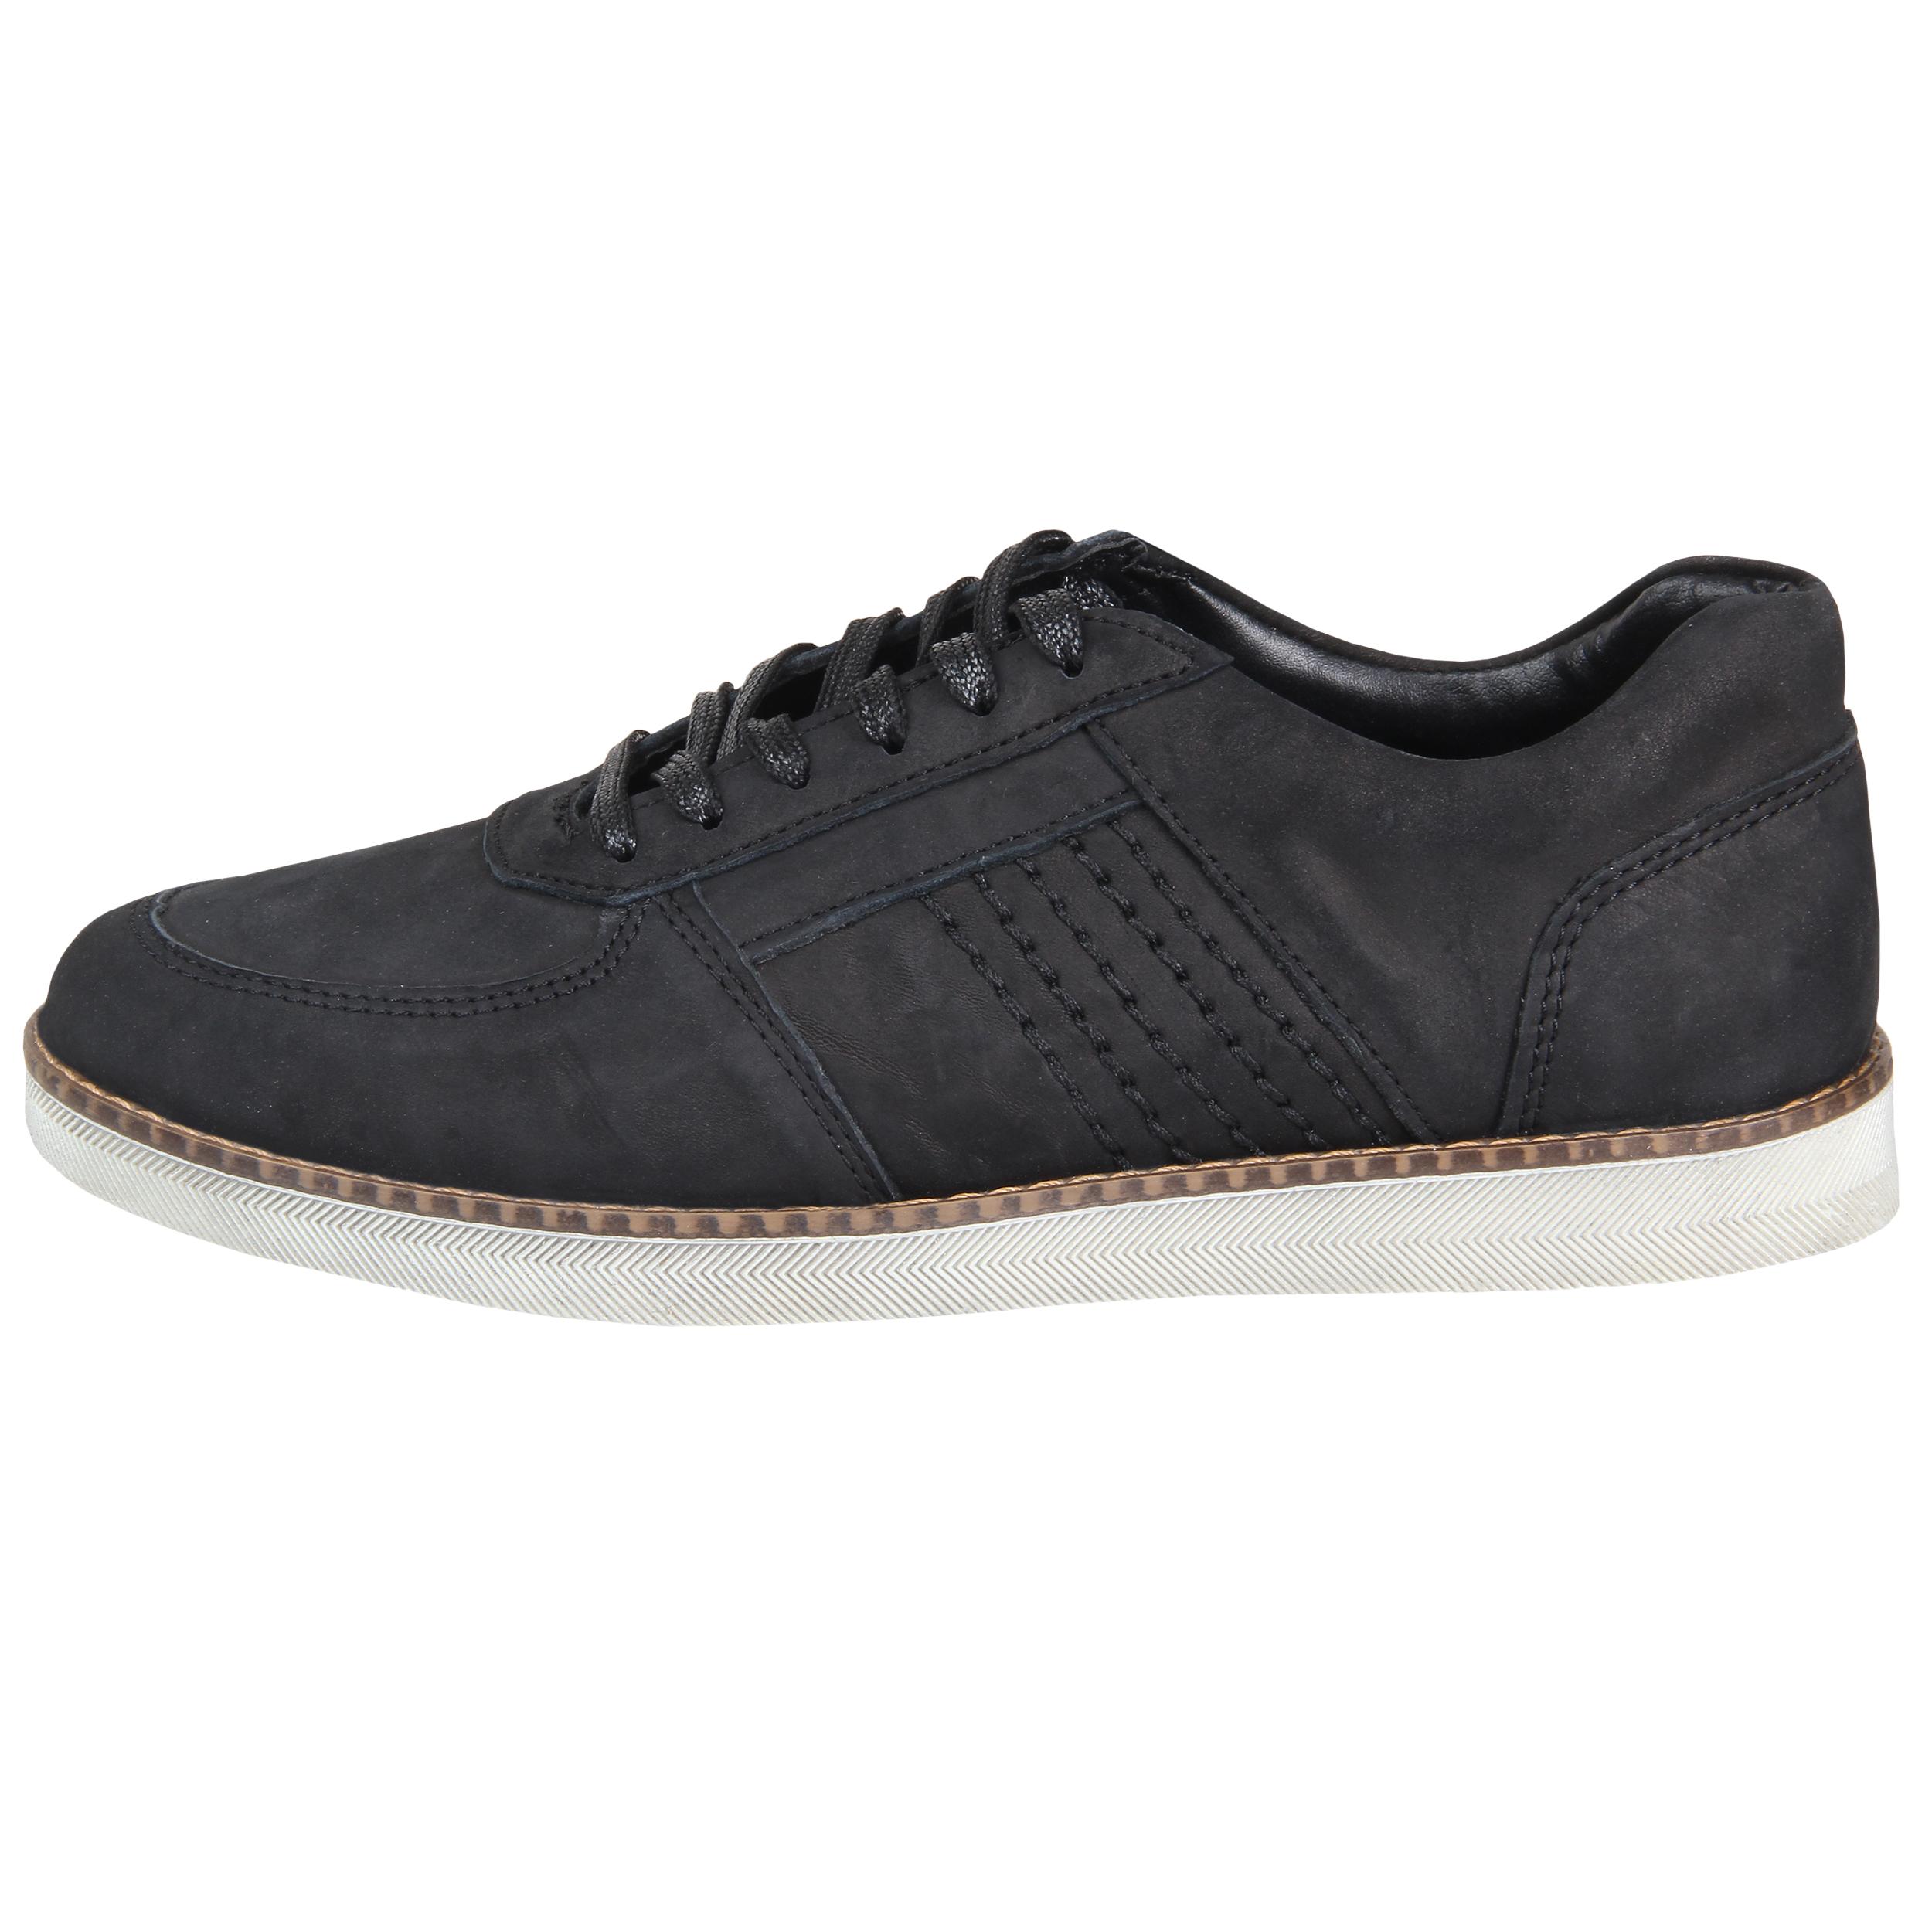 قیمت کفش راحتی مردانه کد 1-39095